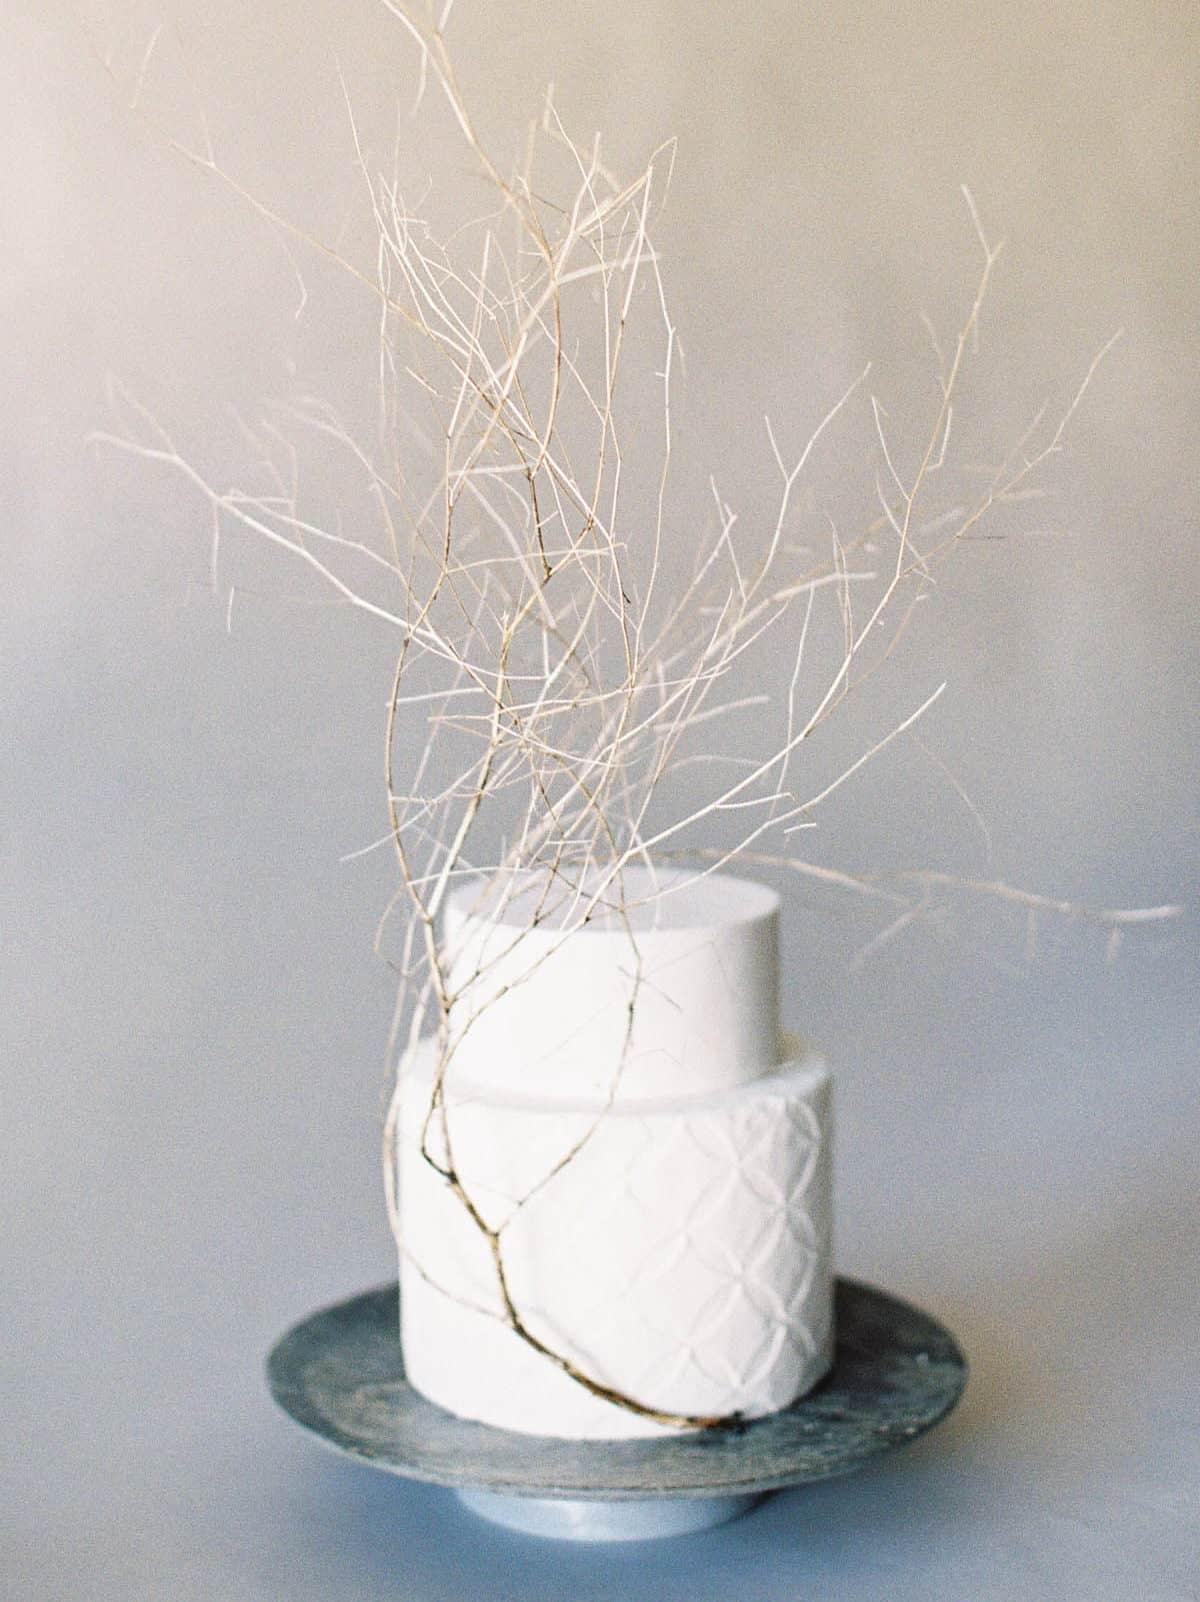 λευκή γαμήλια τούρτα με αποξυραμένα κλαδιά